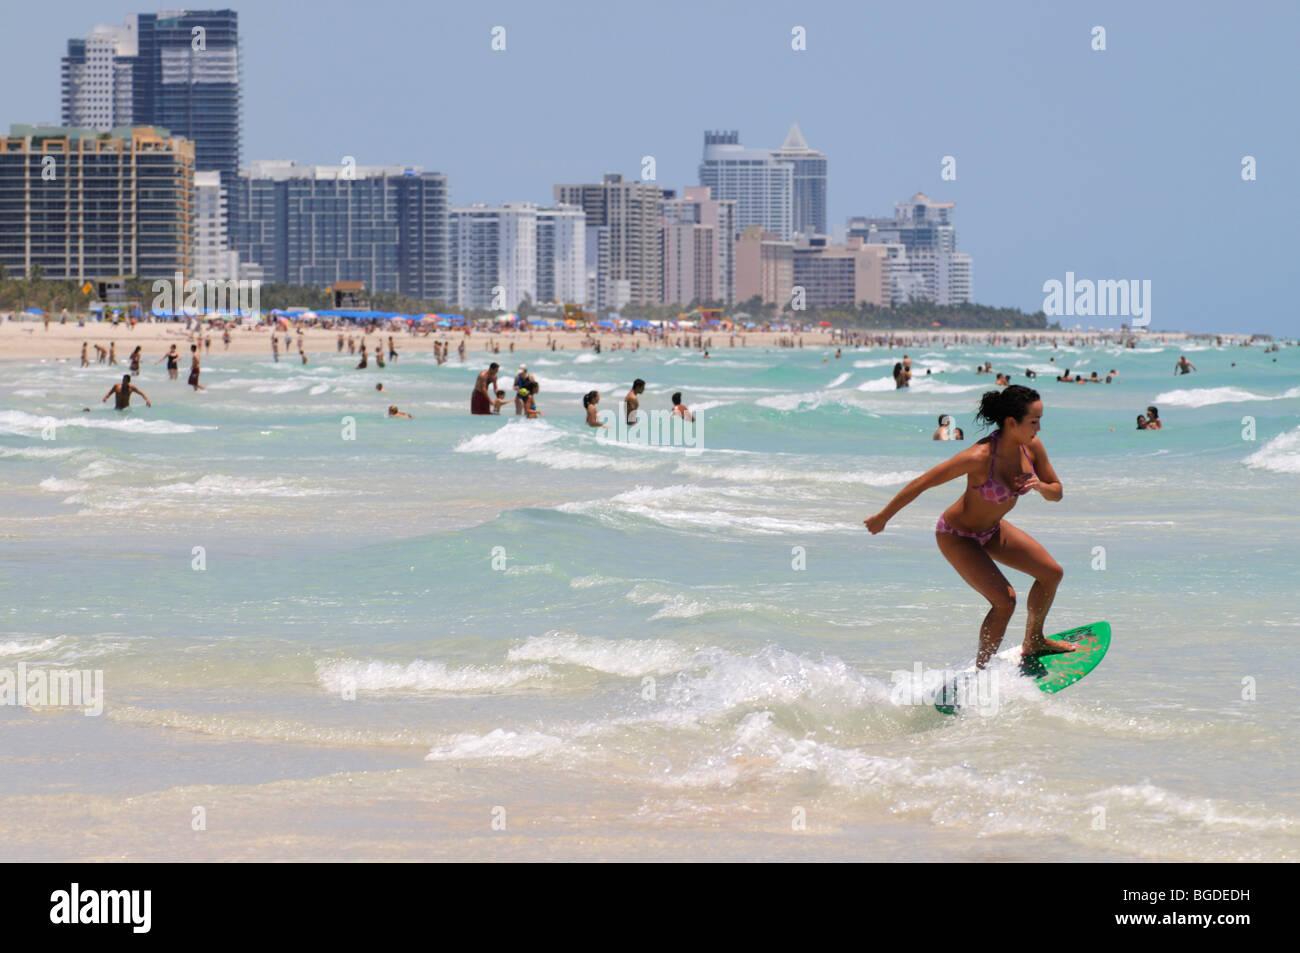 Surfer, skimboarder, Miami South Beach, quartier Art déco, Florida, USA Photo Stock